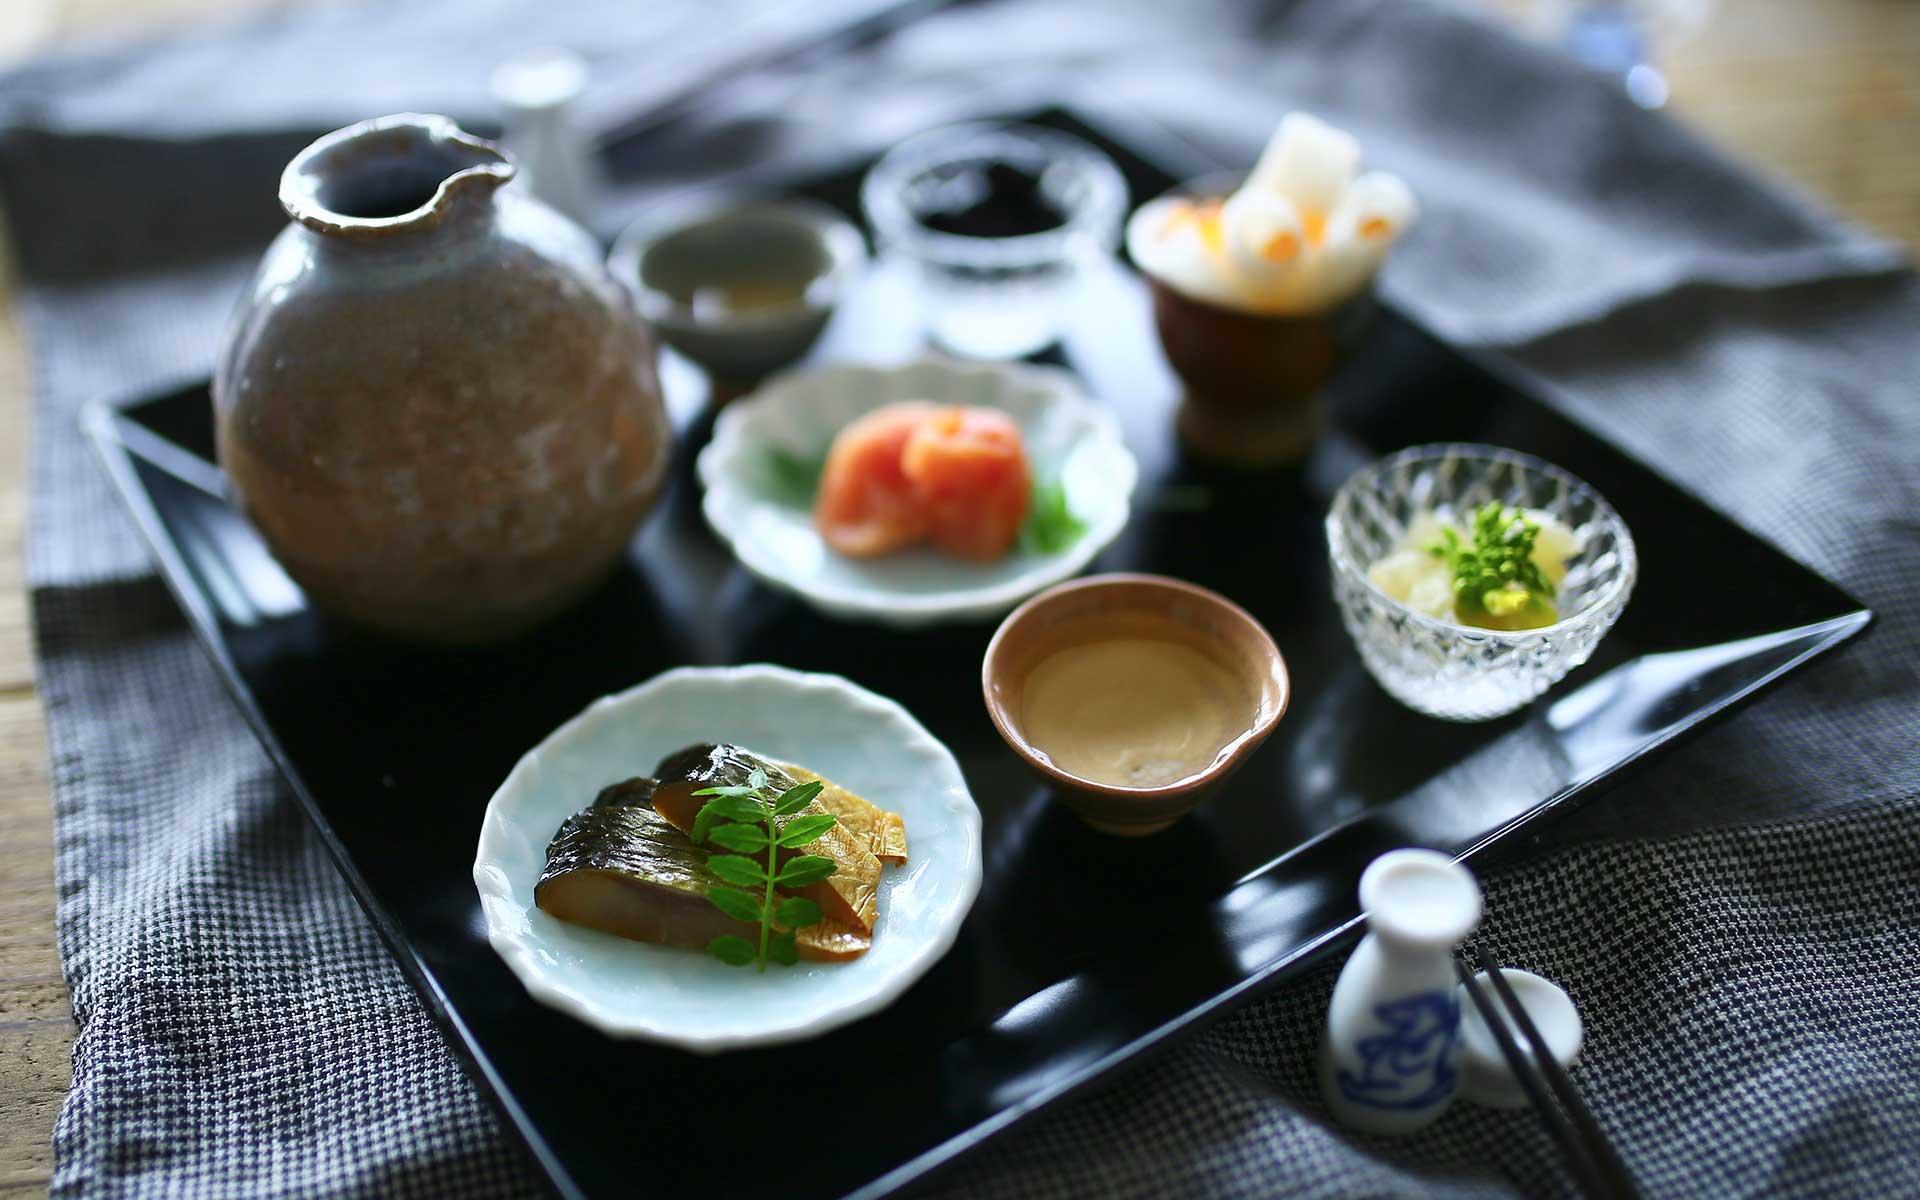 鍋島焼の豆皿